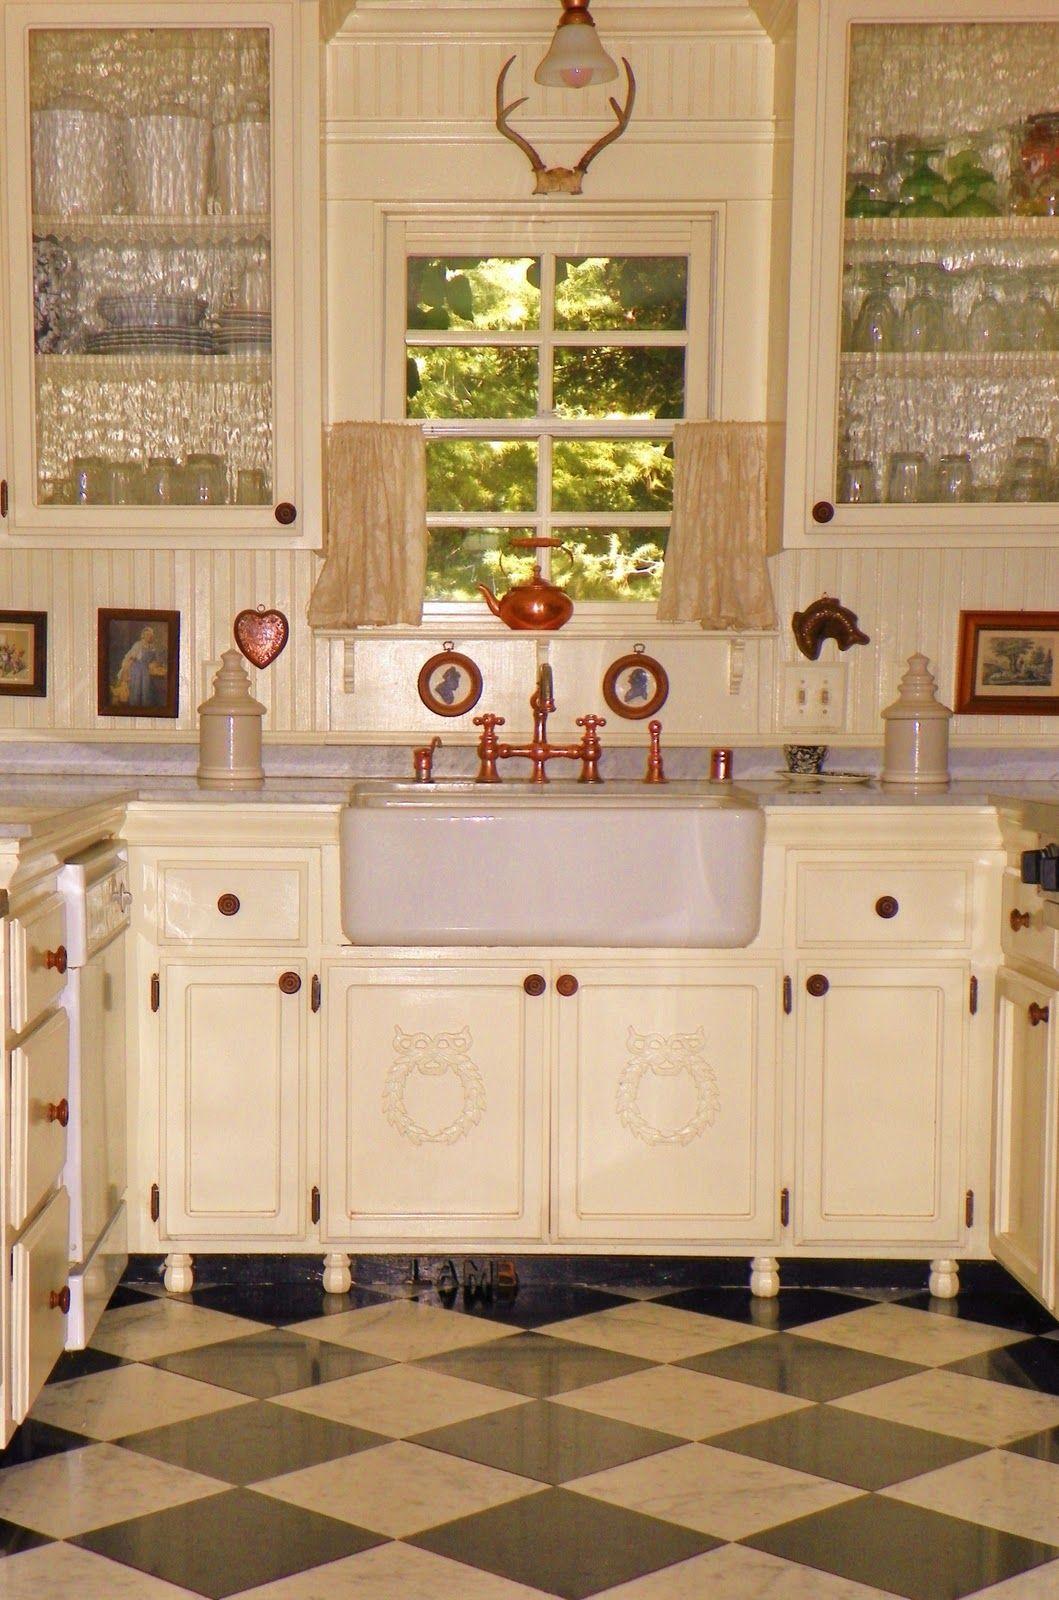 In fiberglass kitchen shaw farm sink ideas beige painted